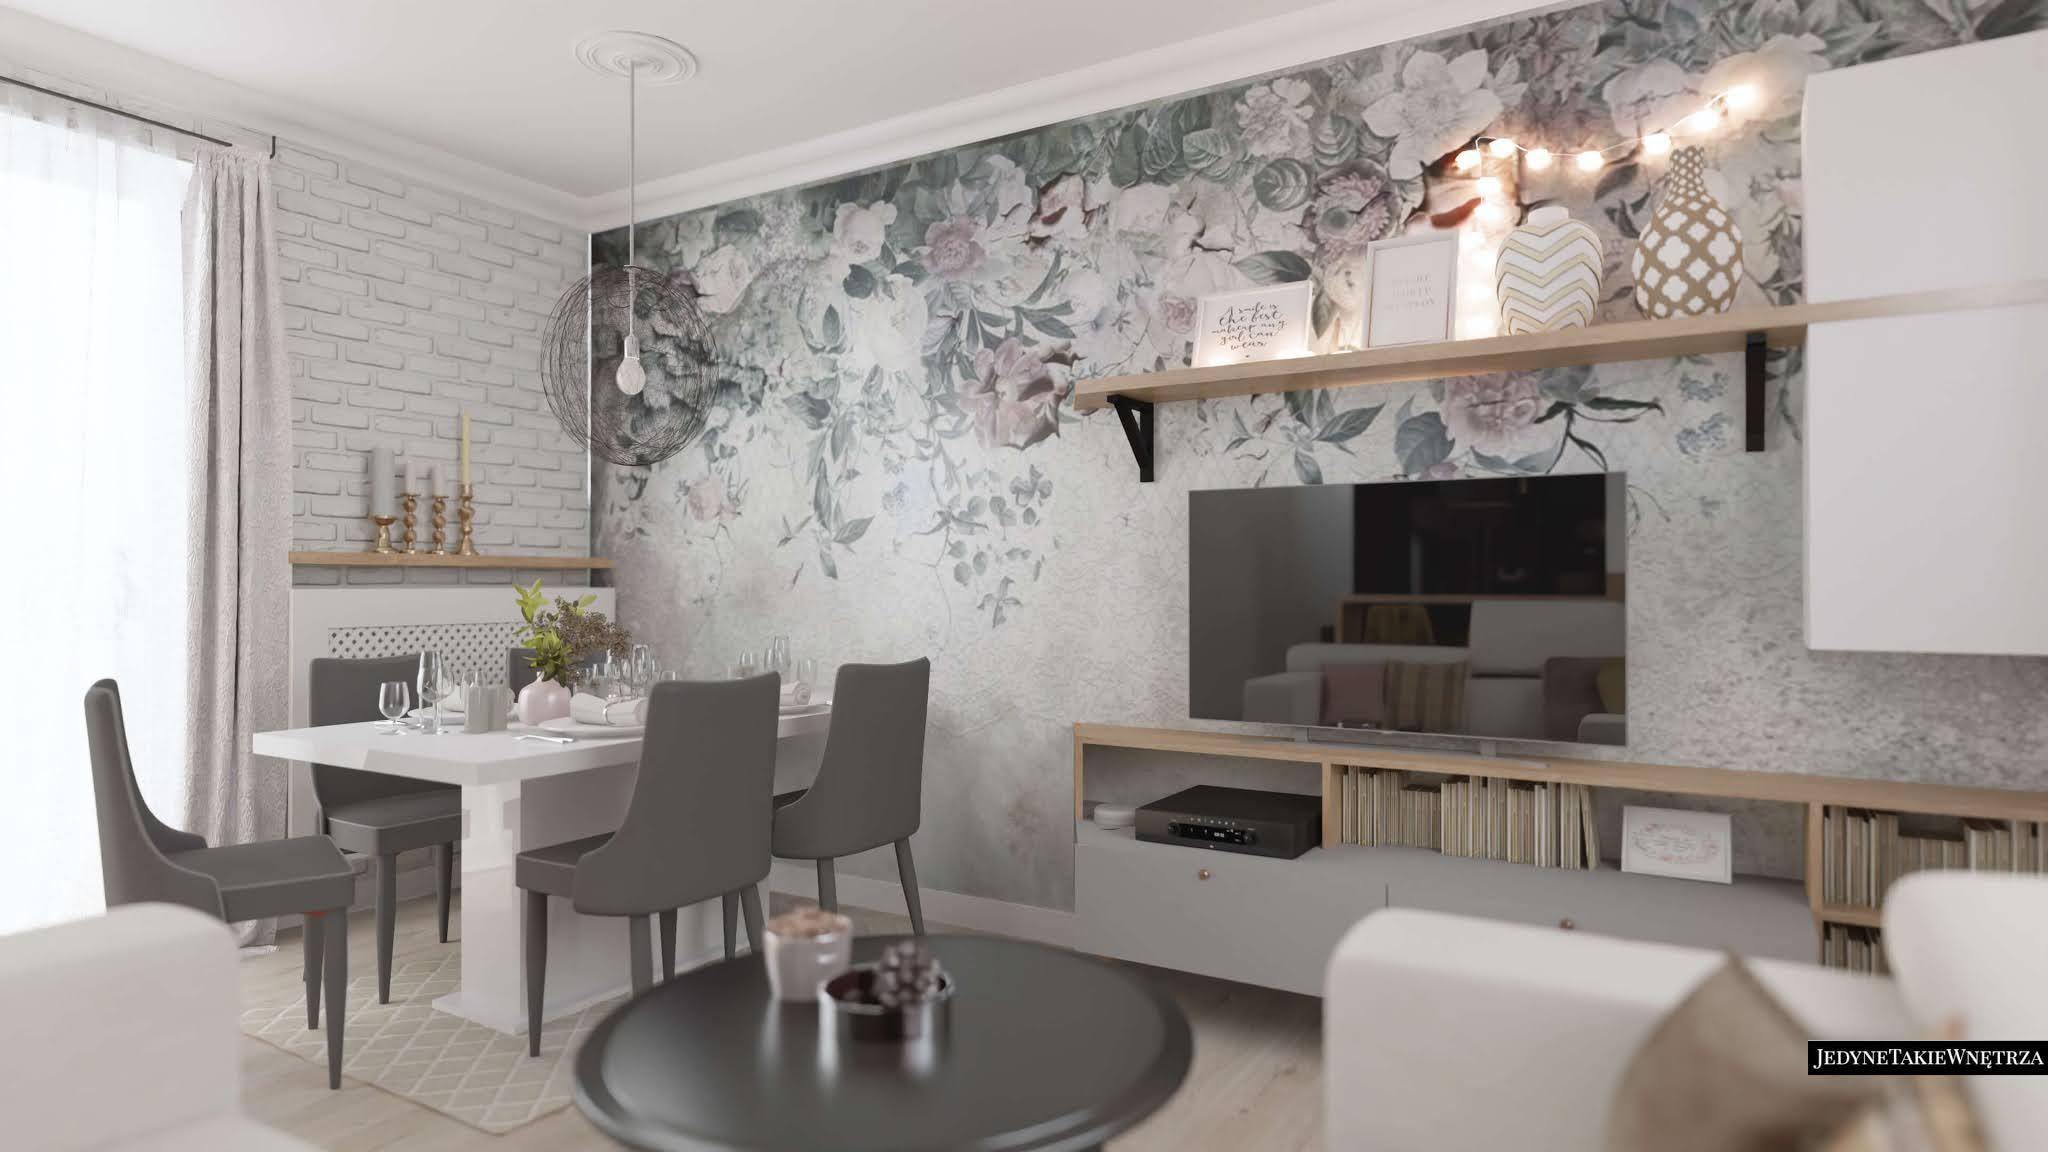 Przytulny salon, w którym stoi nowoczesny biały stół jadalniany. Ścianę zdobi romantyczna szara tapeta i listwy przysufitowe.